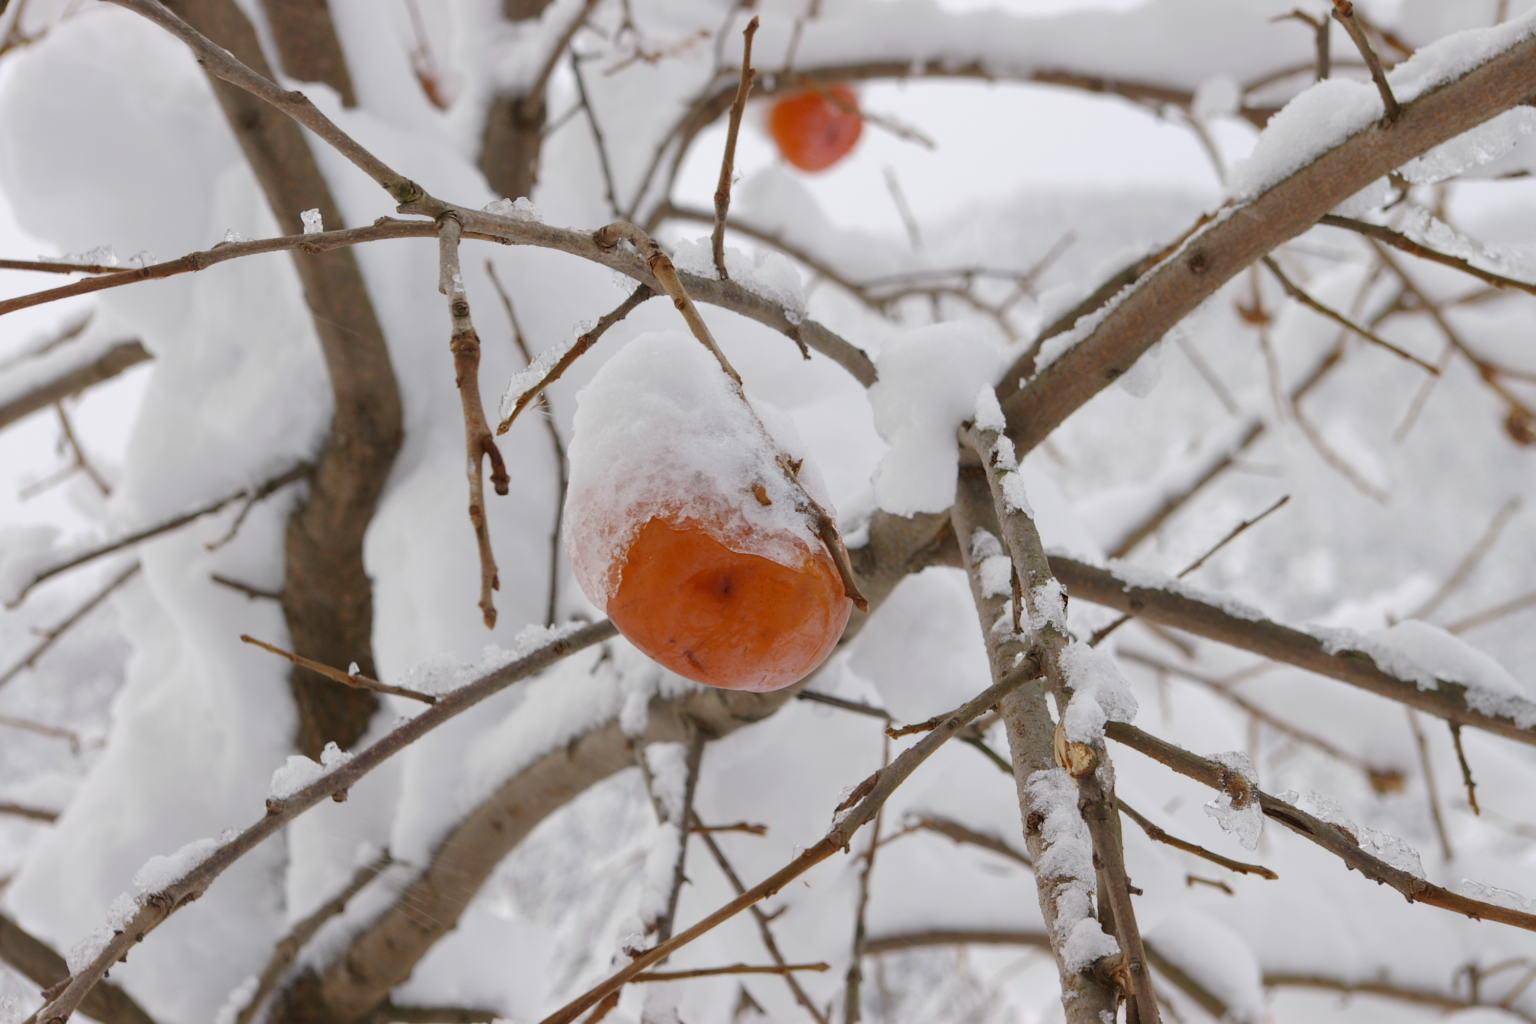 赤い柿の実が雪に映えます